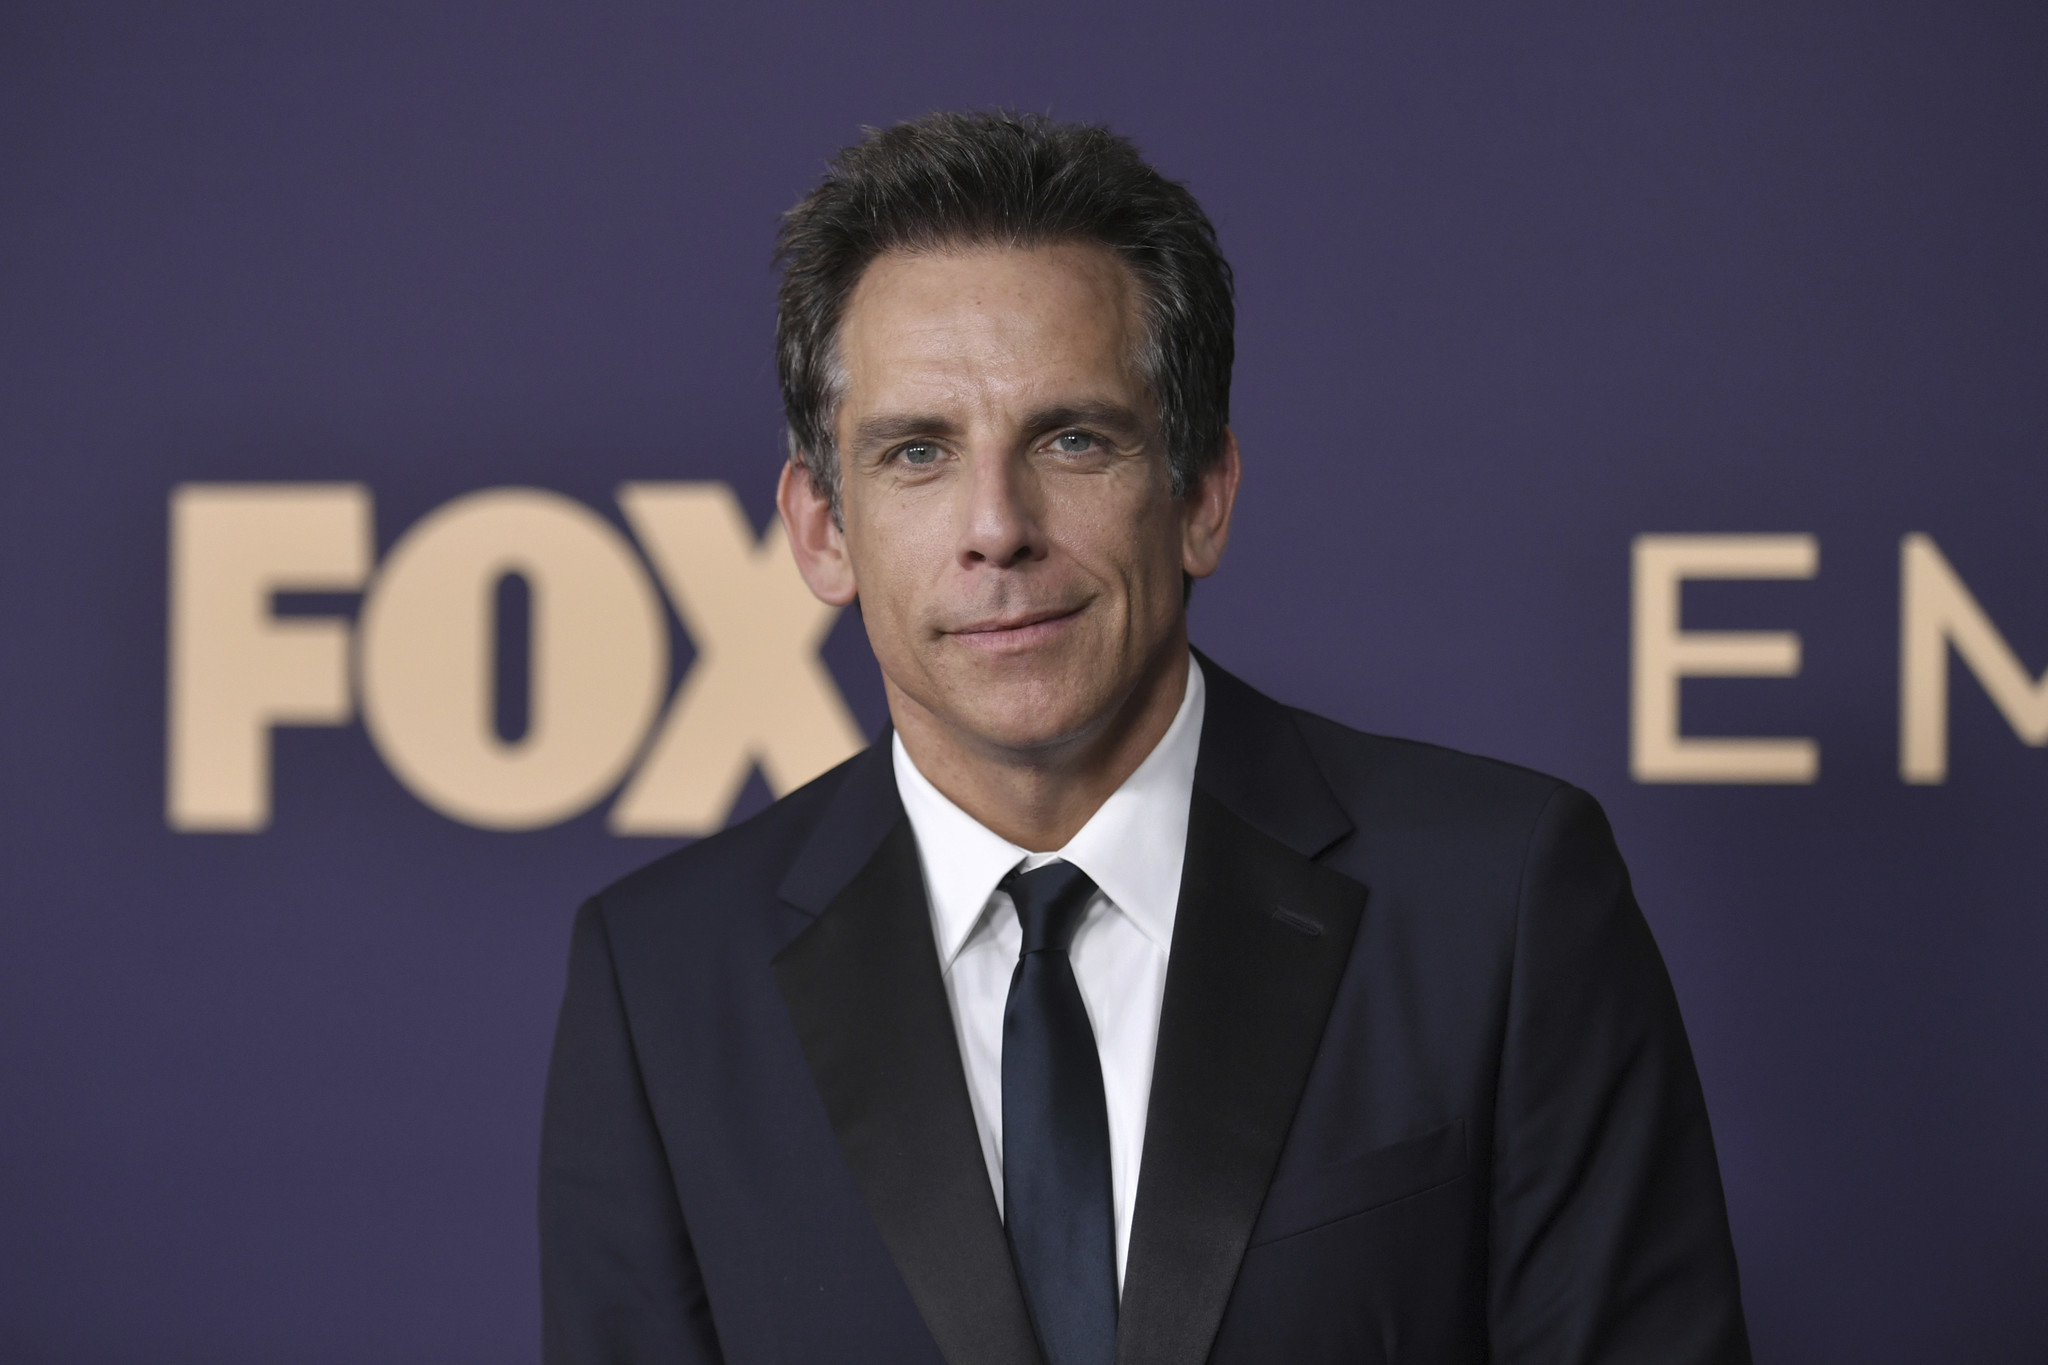 Actor Ben Stiller joins advocates urging aid for New York refugees